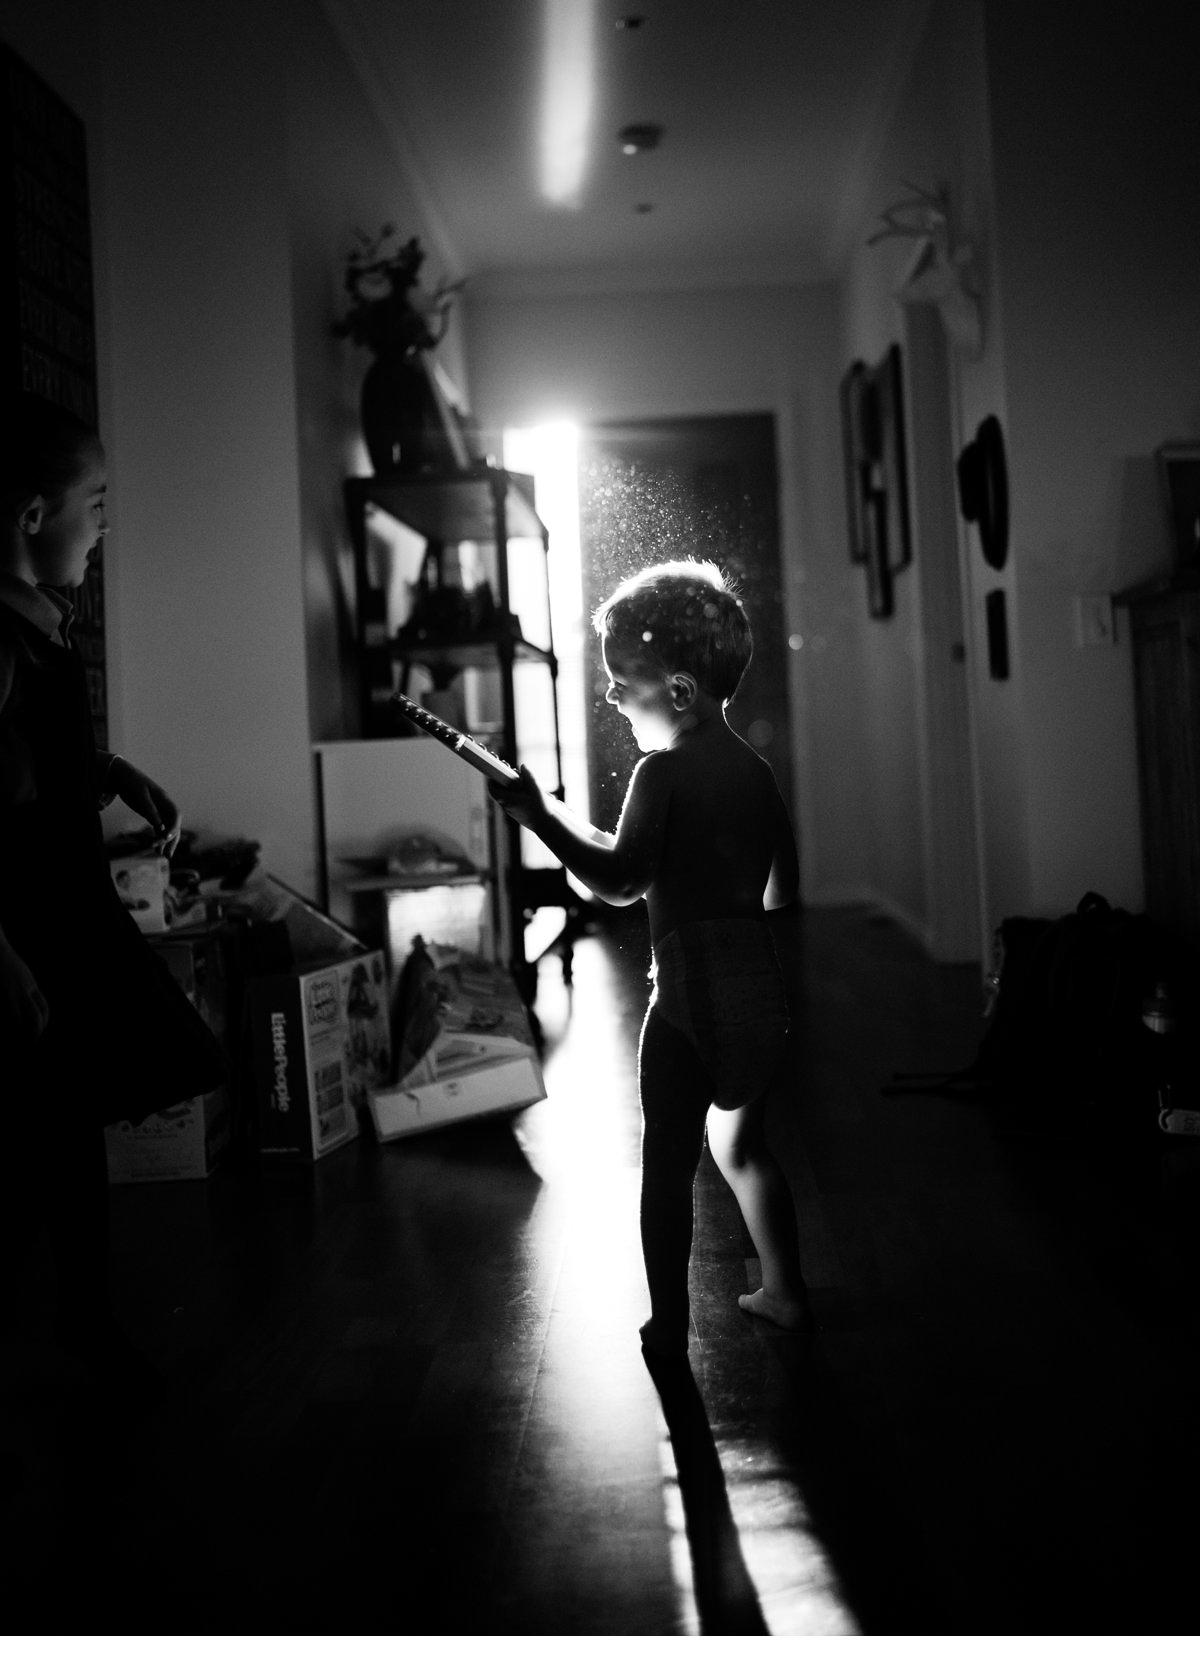 Bec-Stewart-Melbourne-Photographer-Moments-that-Matter-June1.jpg